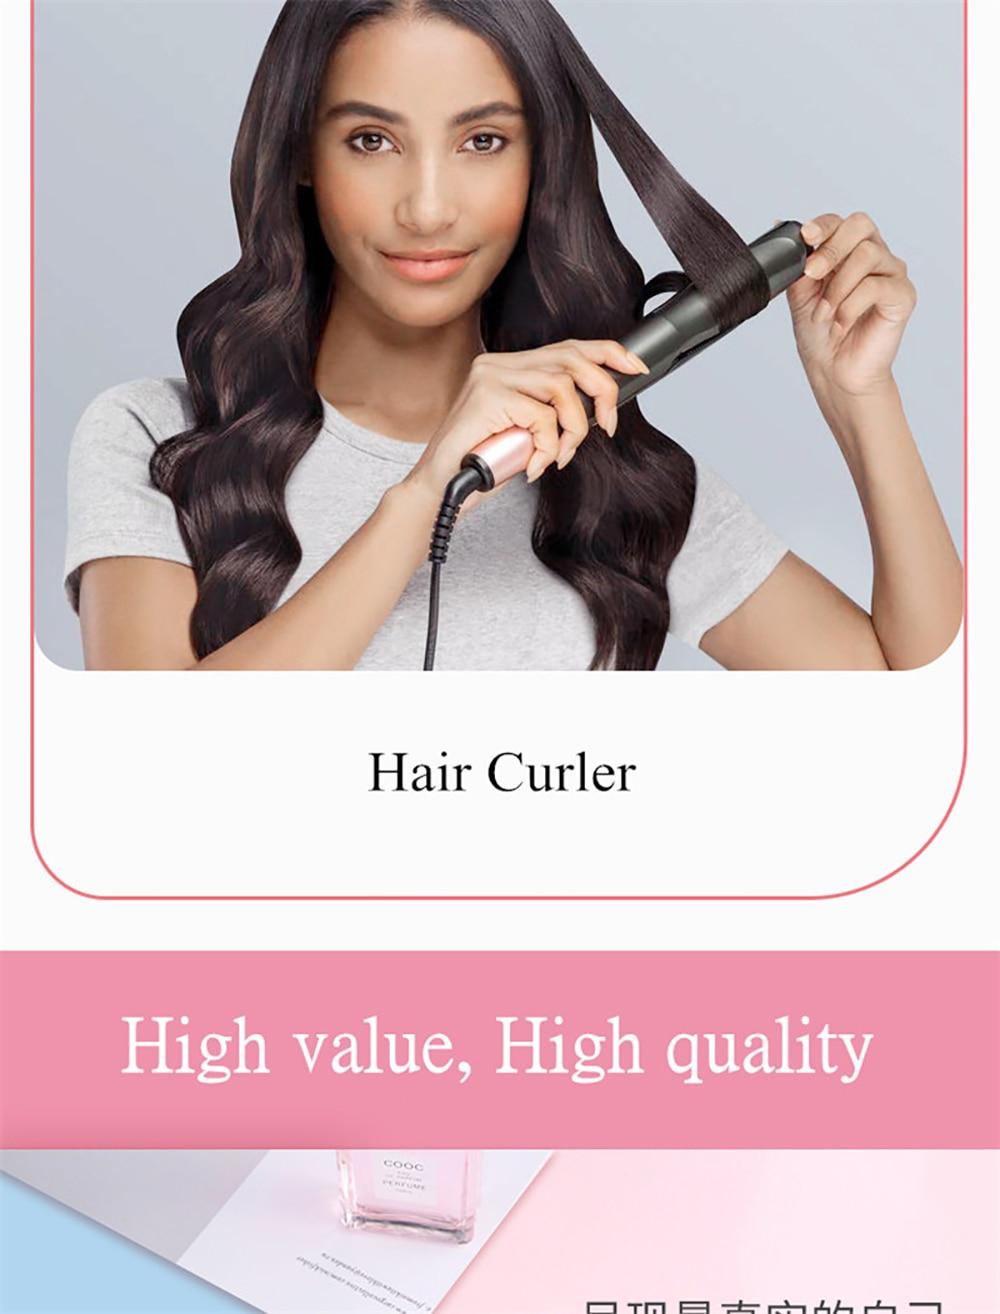 cabelo profissional straightener 2 em 1 ferro de 04